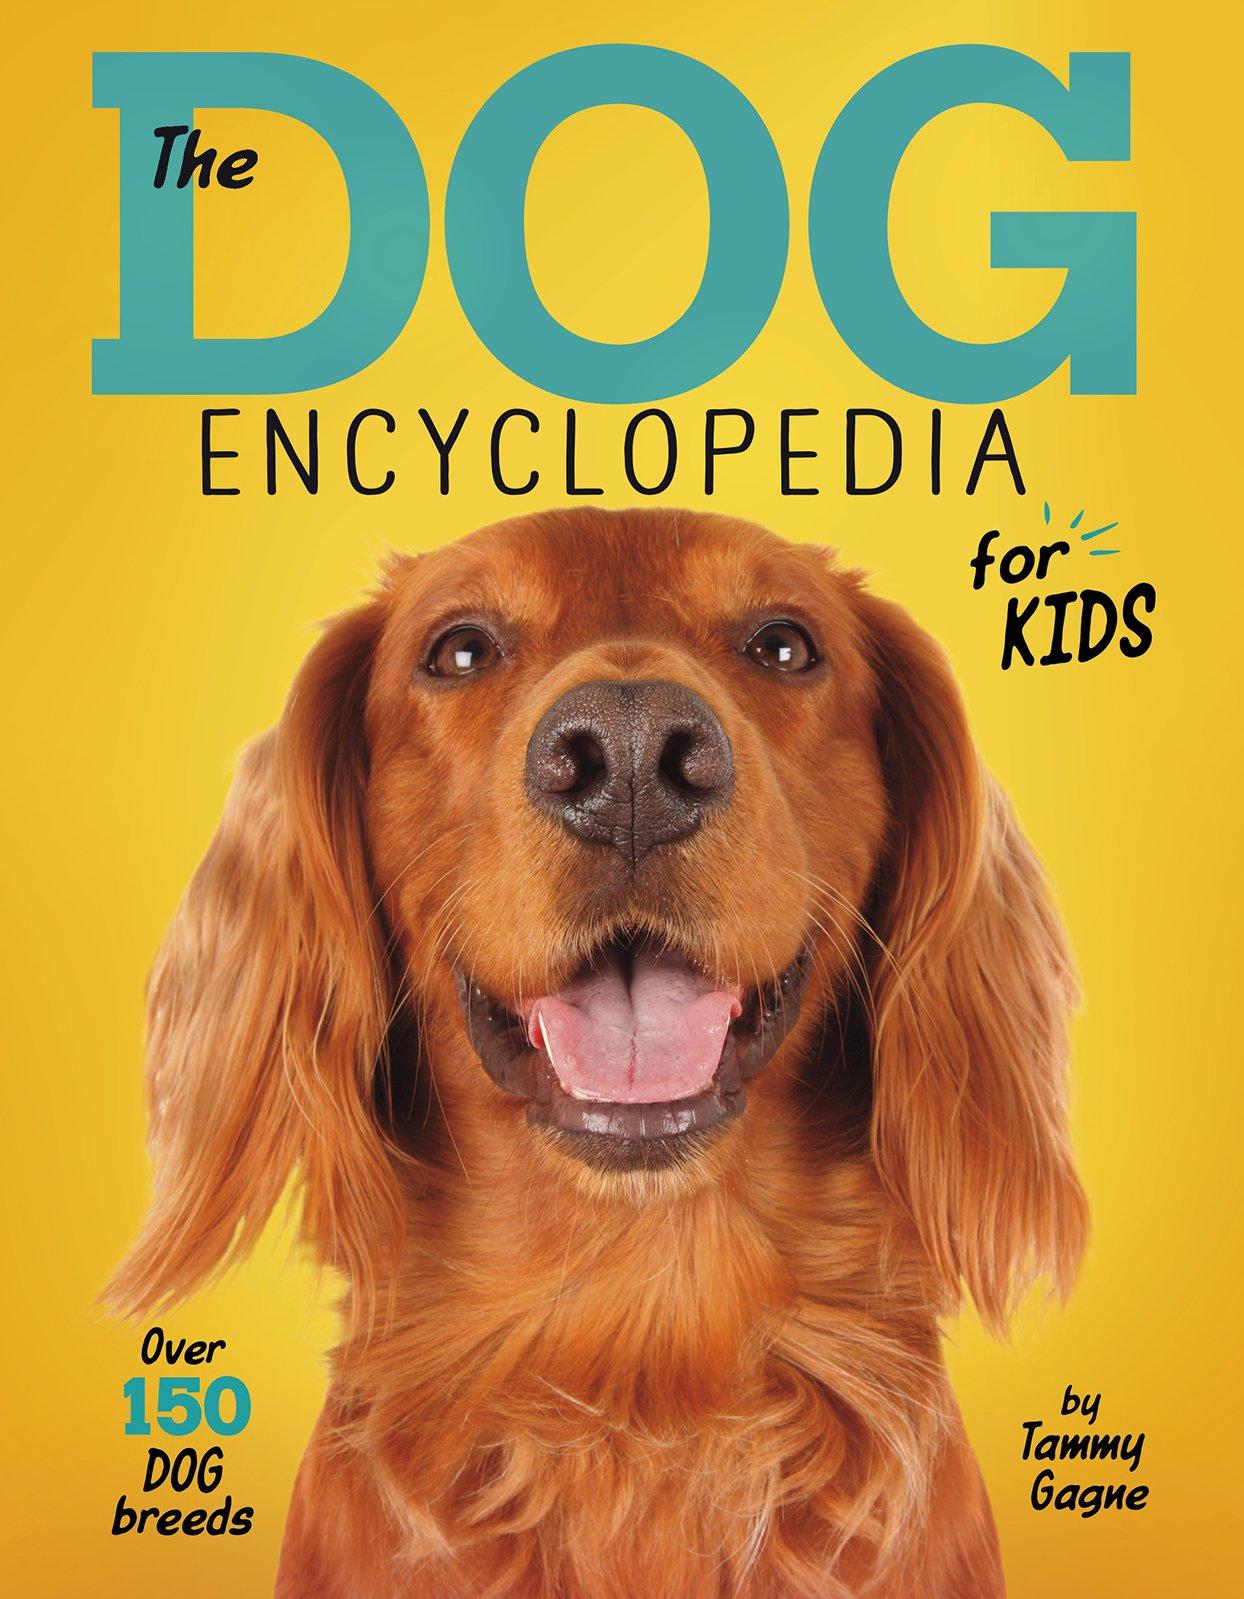 Dog Encyclopedia Kids Tammy Gagne product image